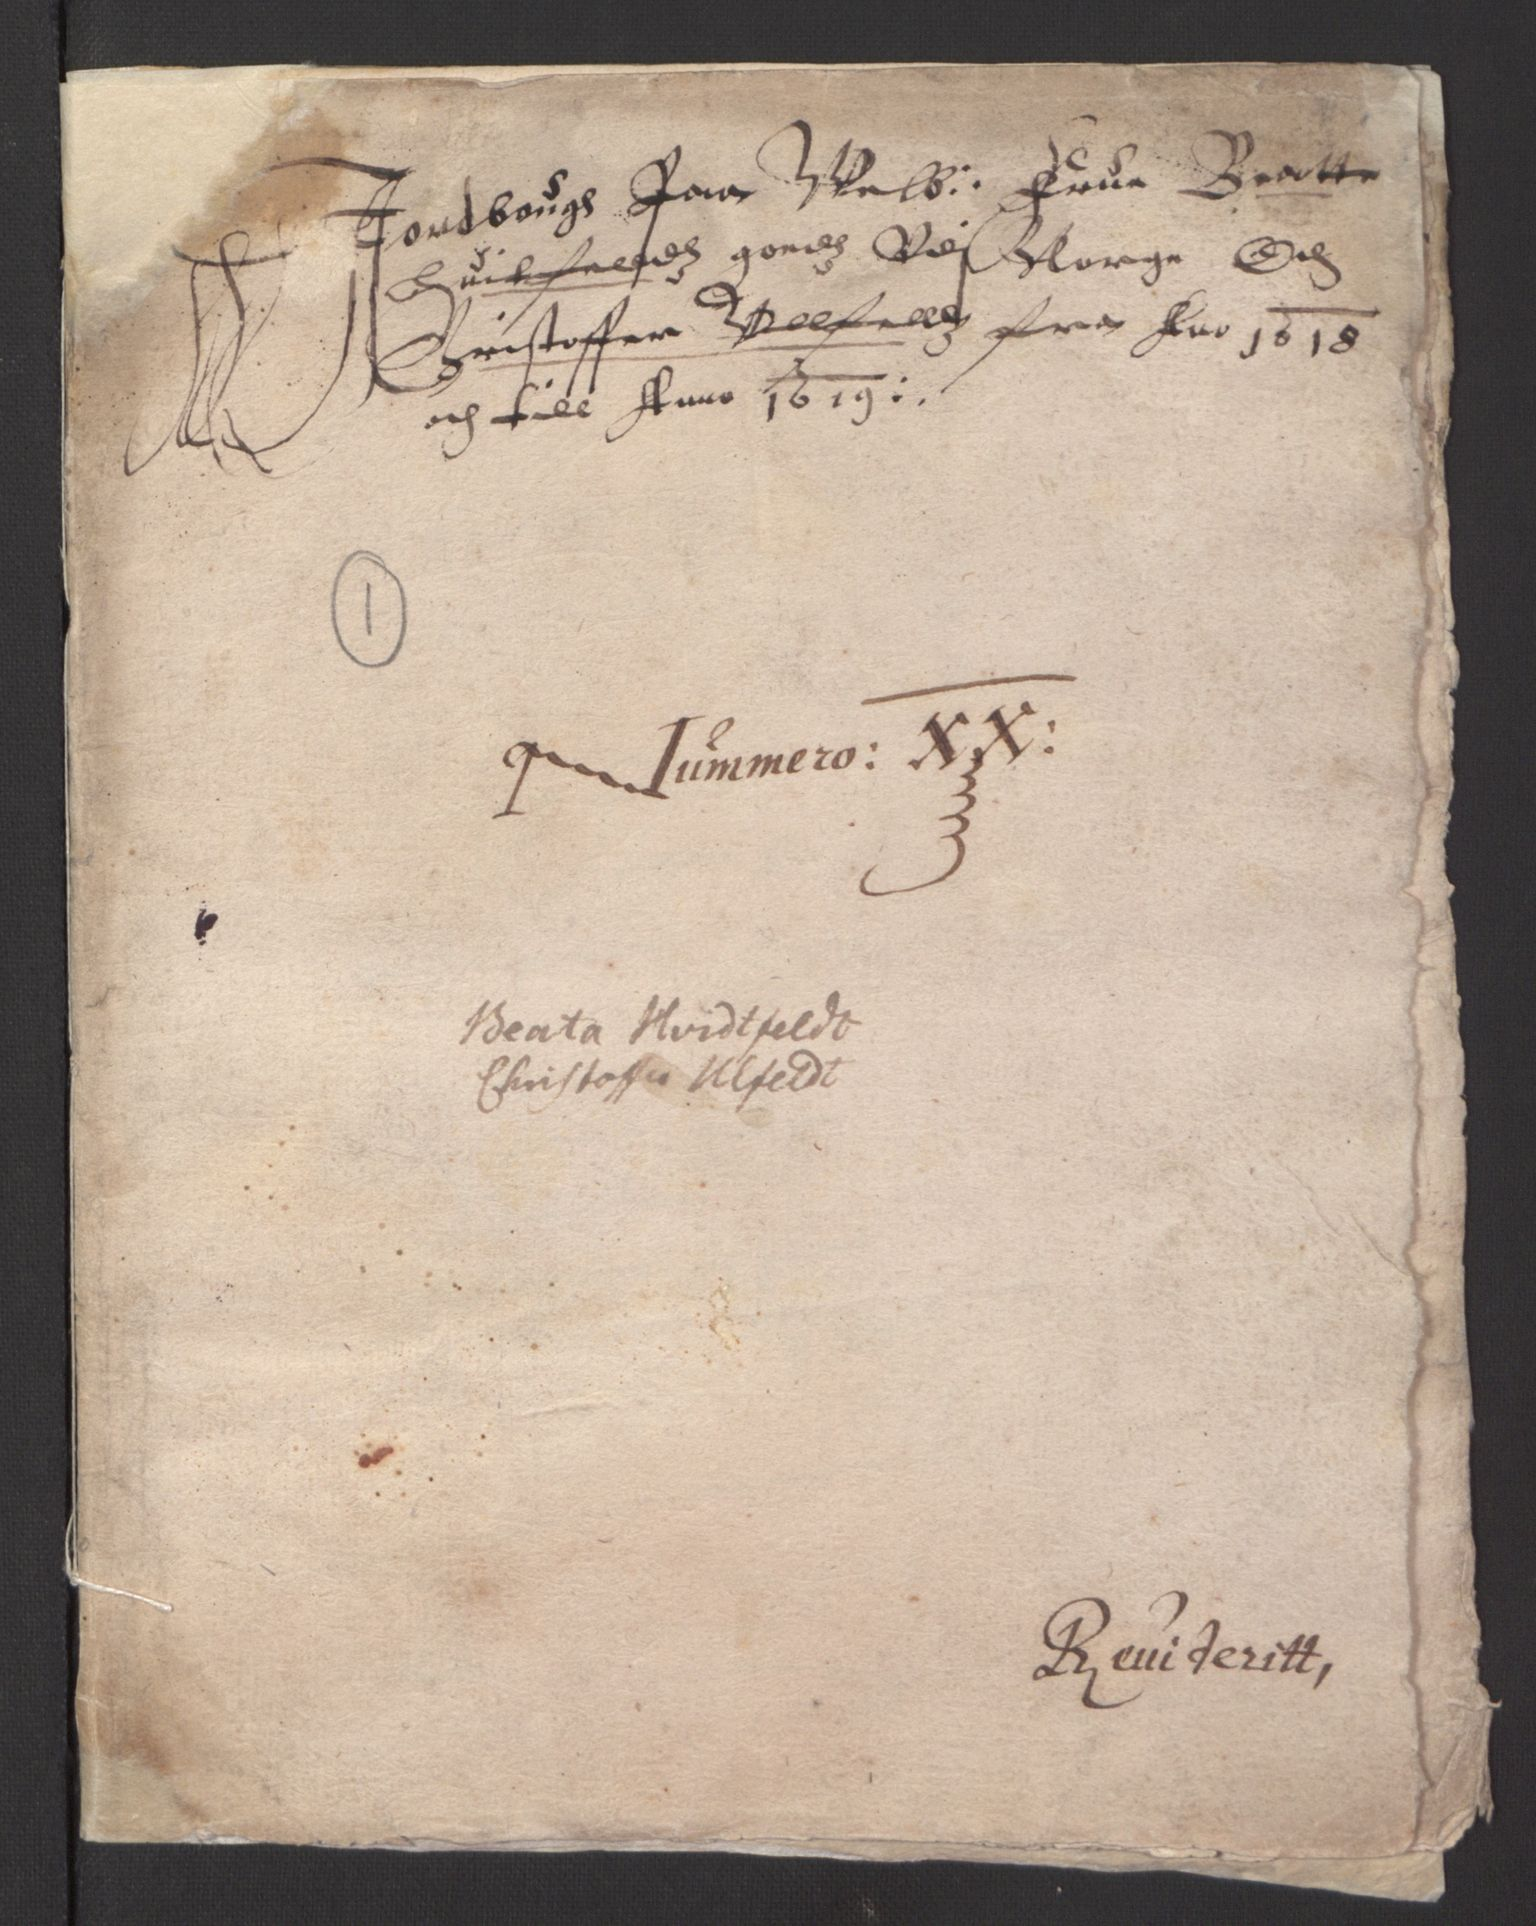 RA, Stattholderembetet 1572-1771, Ek/L0007: Jordebøker til utlikning av rosstjeneste 1624-1626:, 1624-1625, s. 480